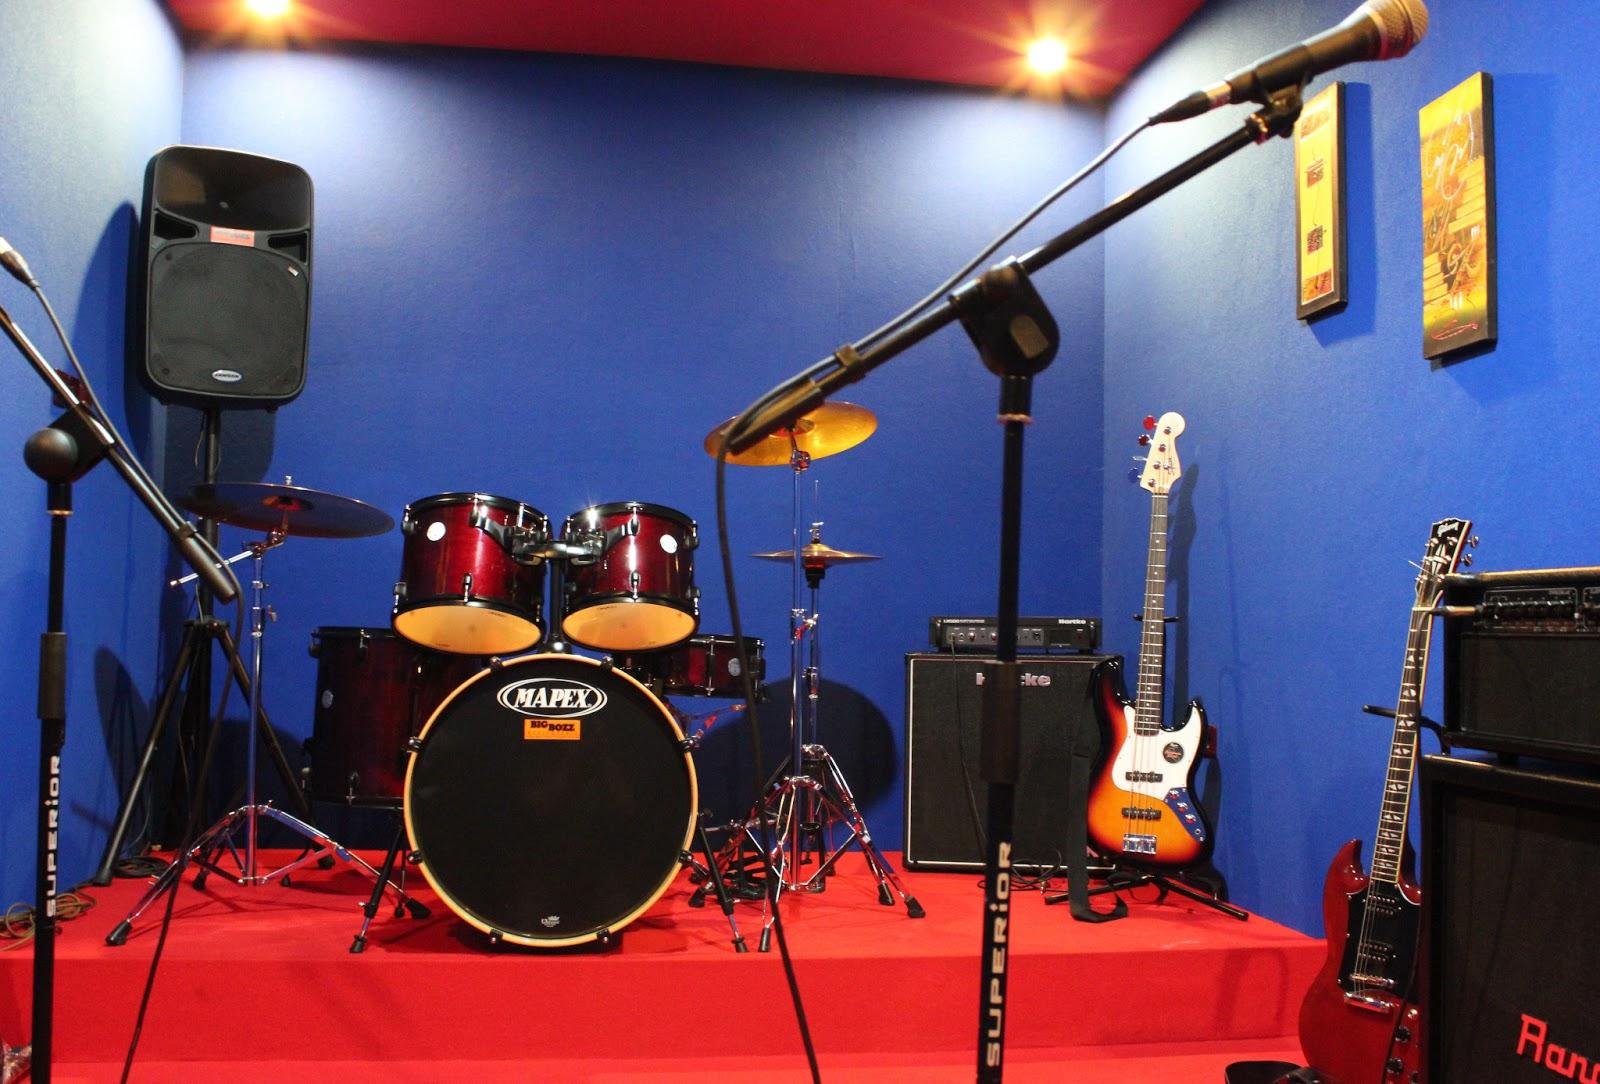 studio musik gambar 2 tampak depak studio musik gambar 3 tampak studio